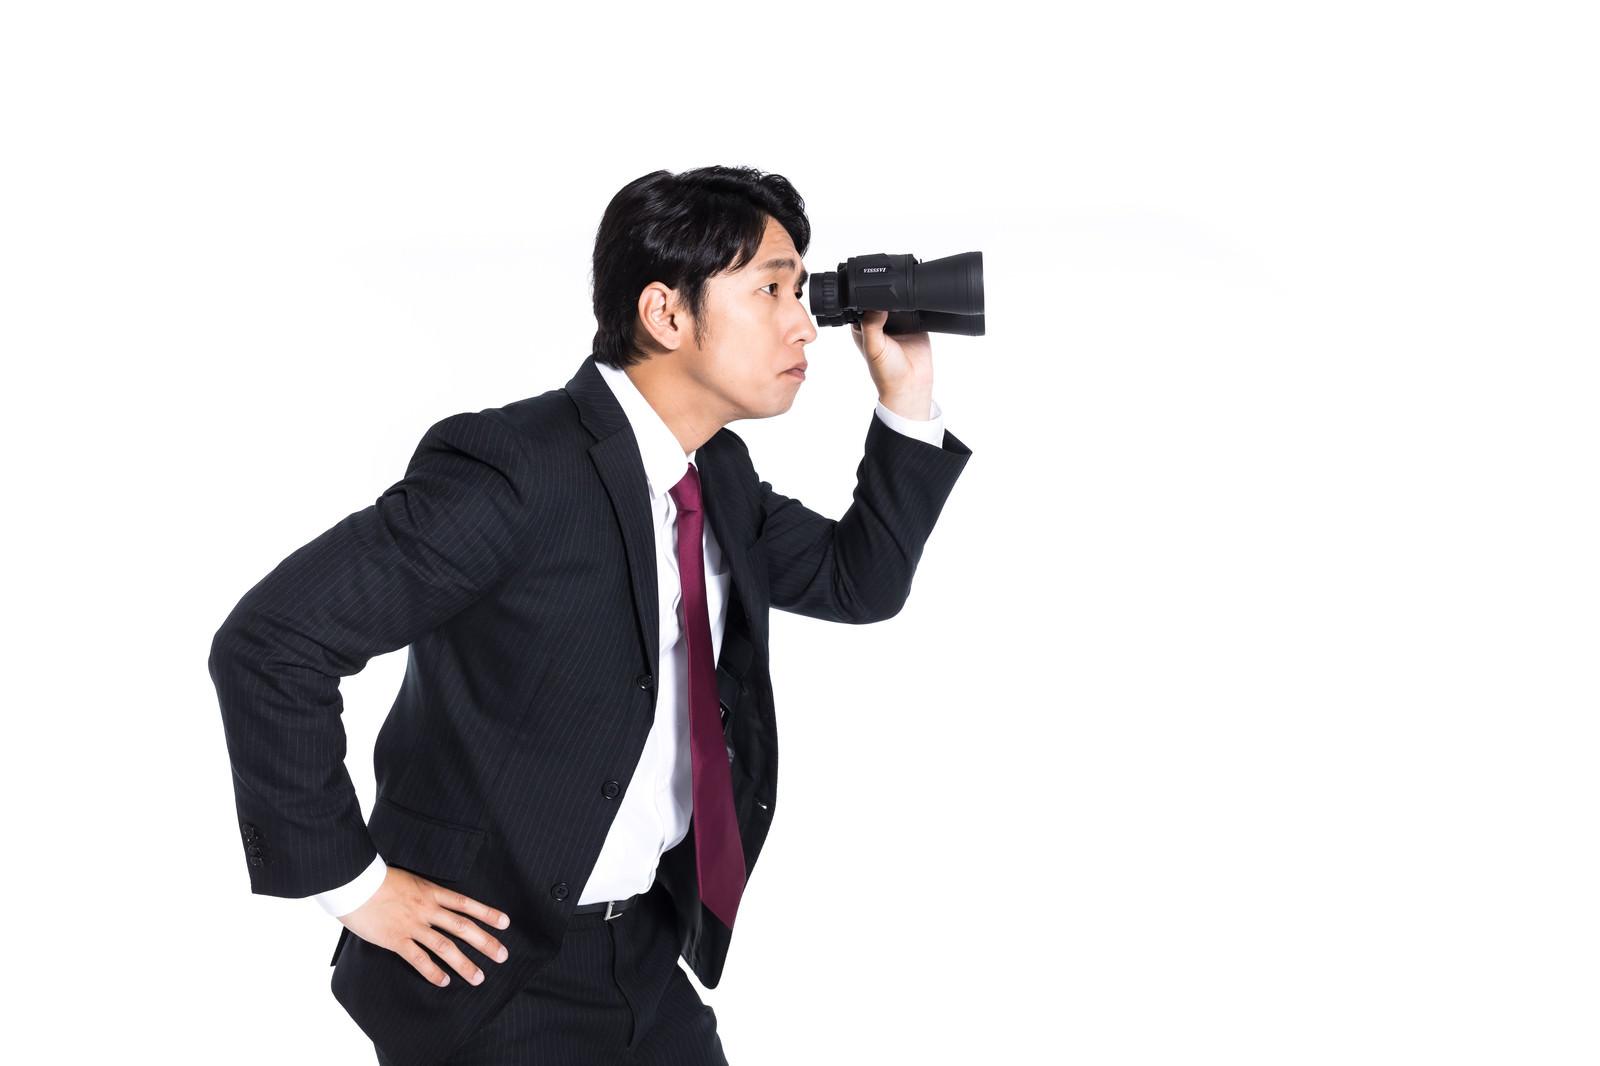 「検閲する会社員」の写真[モデル:大川竜弥]